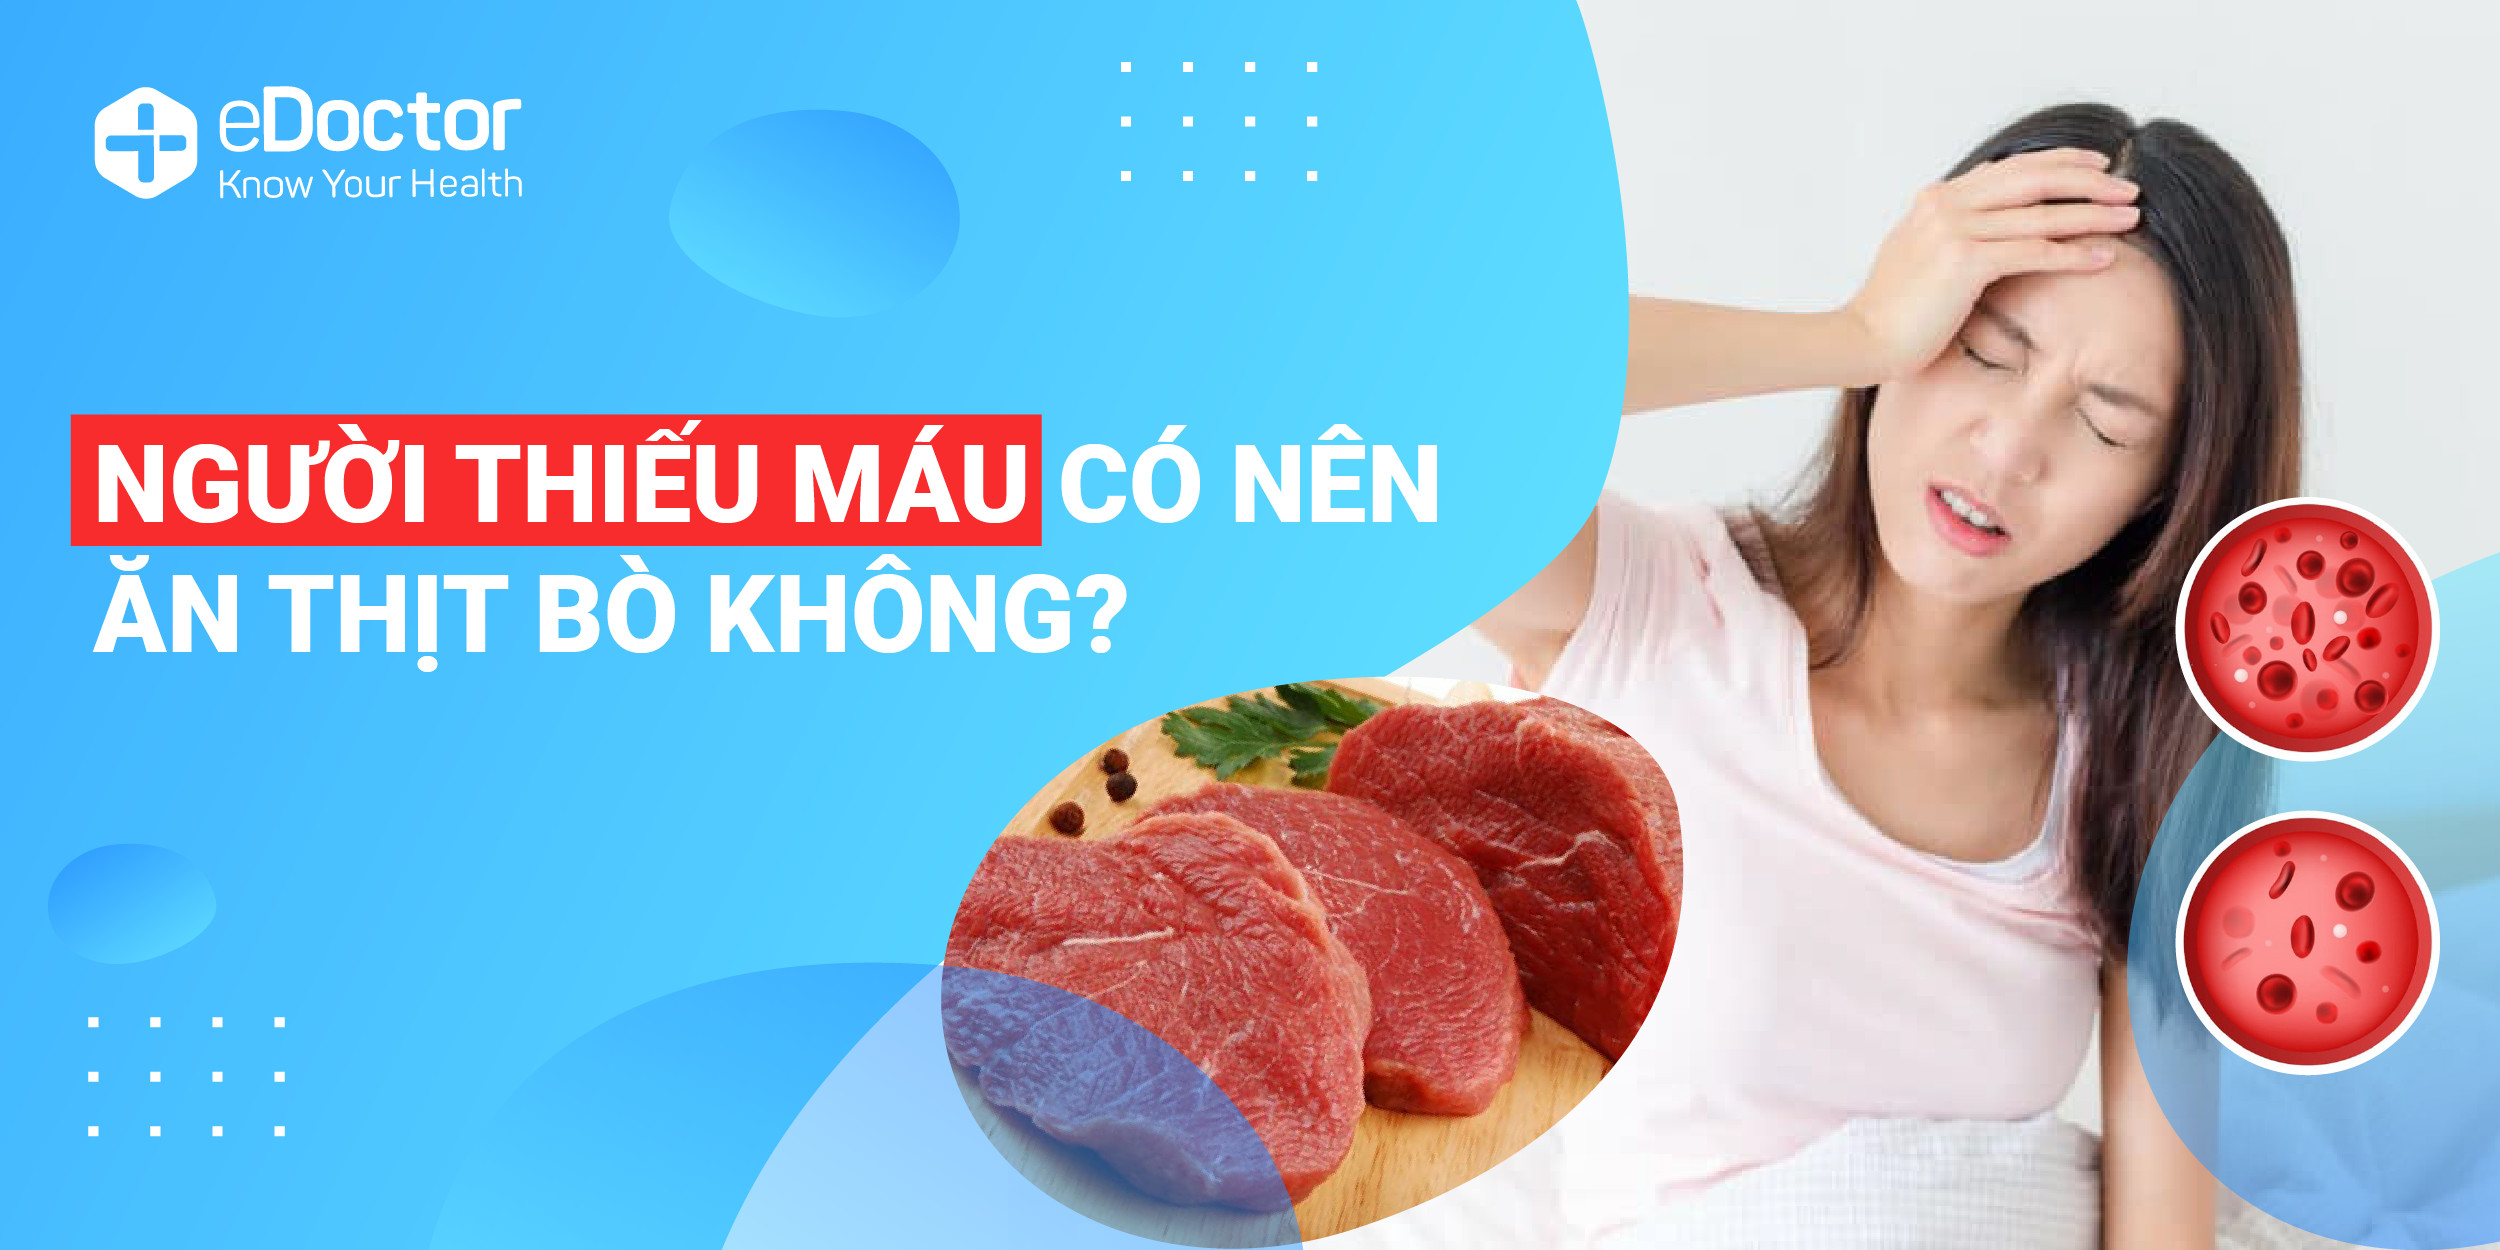 eDoctor - Thịt bò có phải là thực phẩm trị thiếu máu tốt?